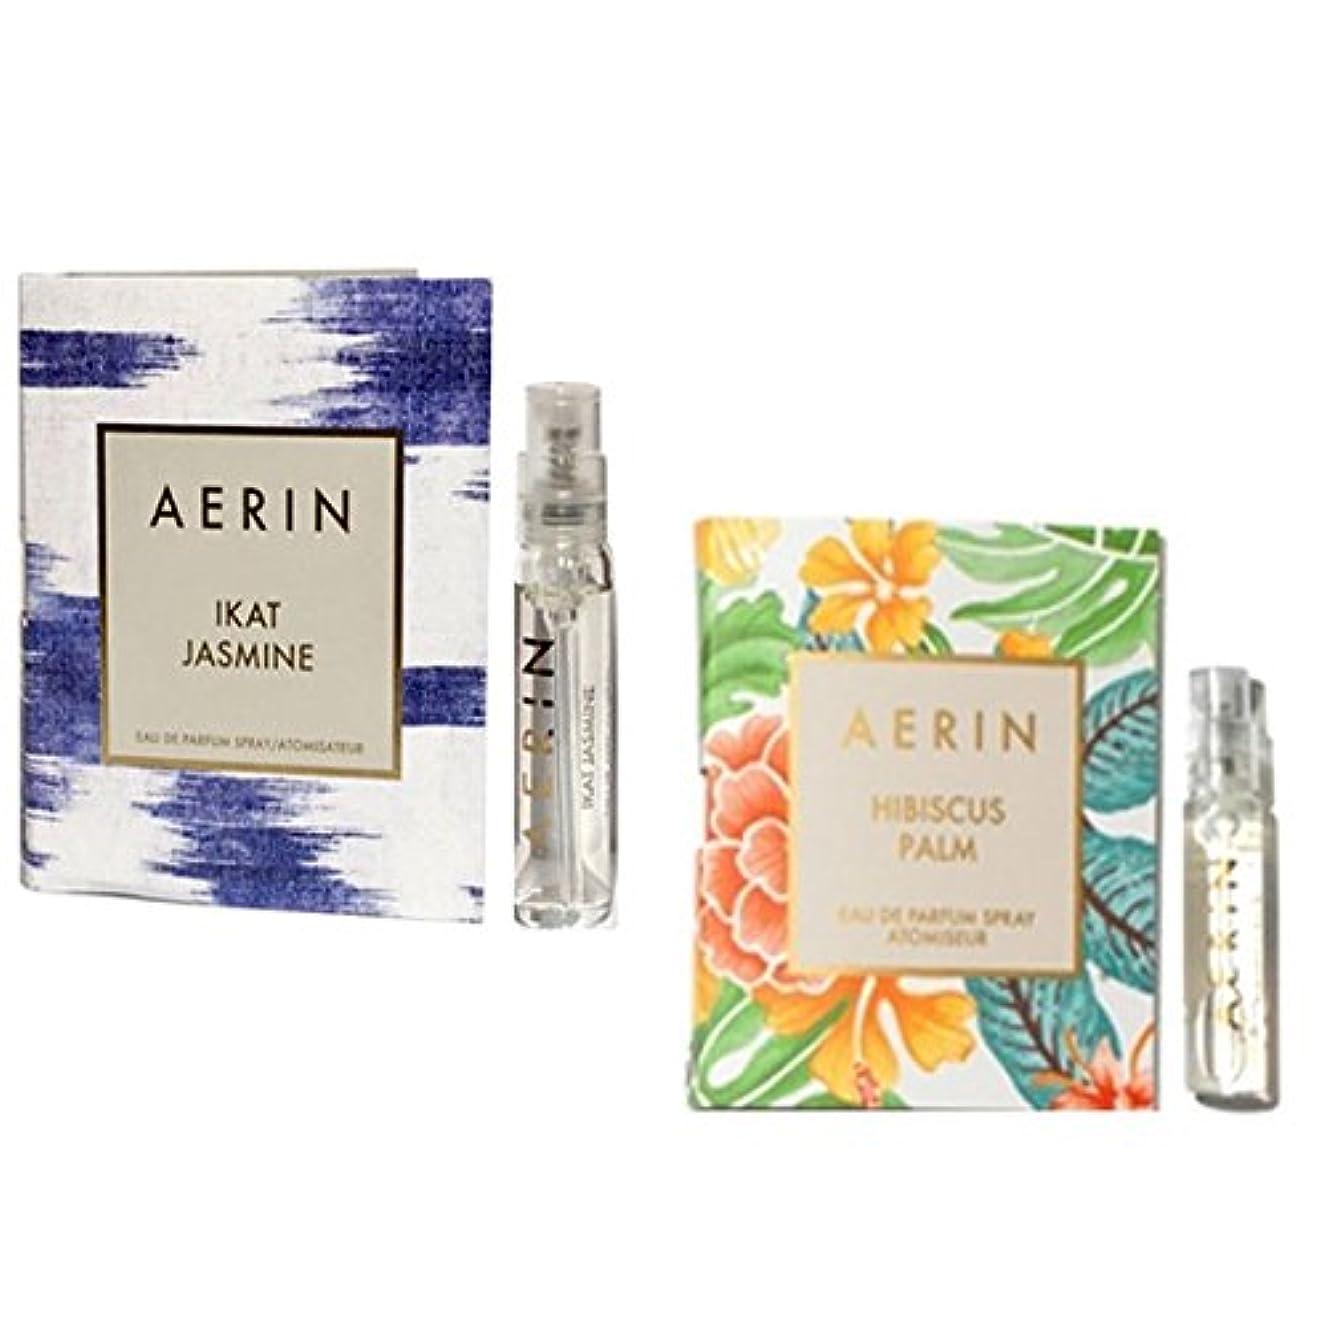 代表する終わり買収AERIN Ikat Jasmine 2ml & Hibiscus Palm 2ml Travel Size [海外直送品] [並行輸入品]